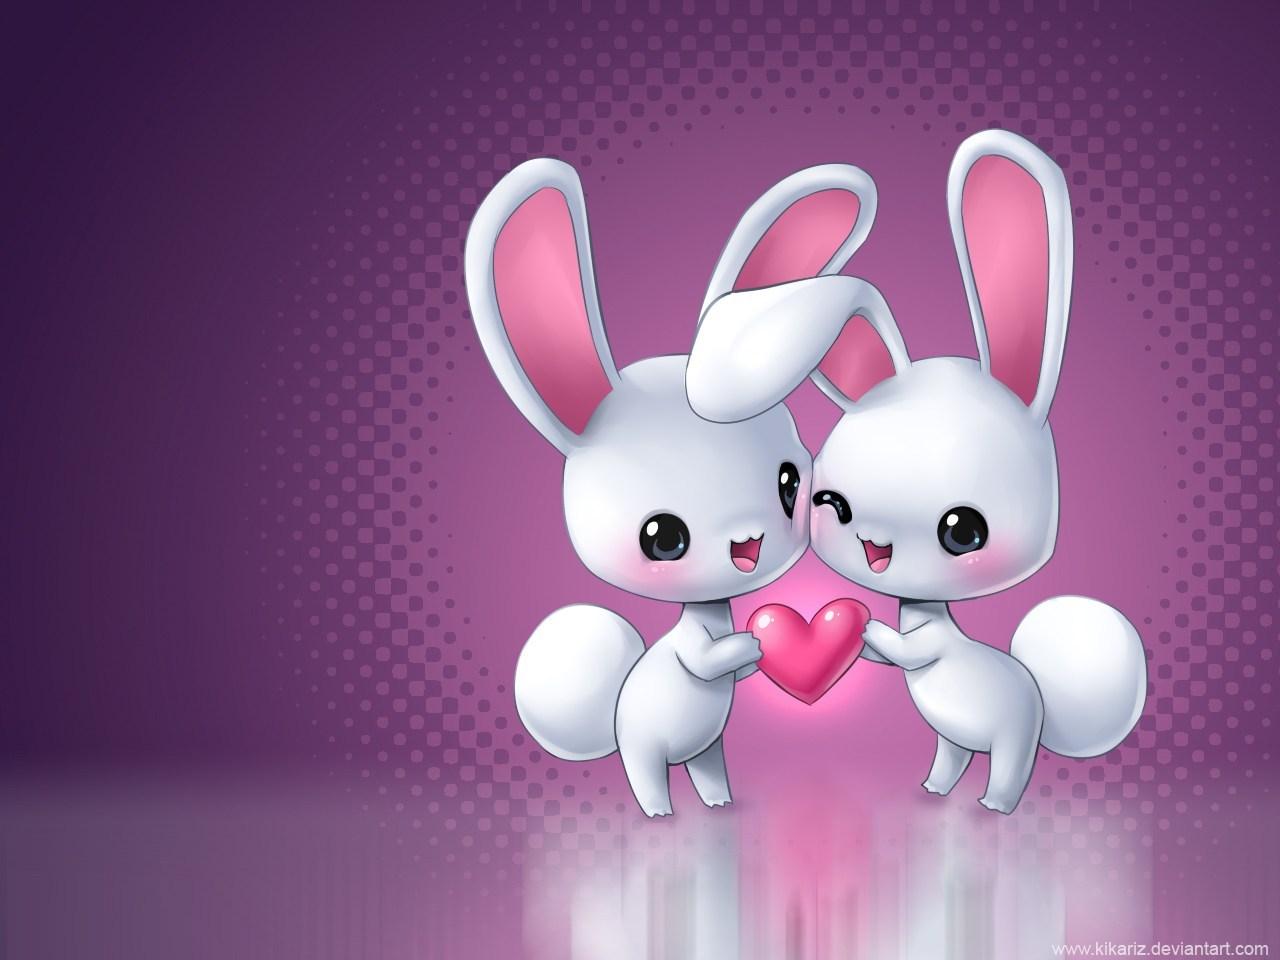 hình ảnh tình yêu dễ thương